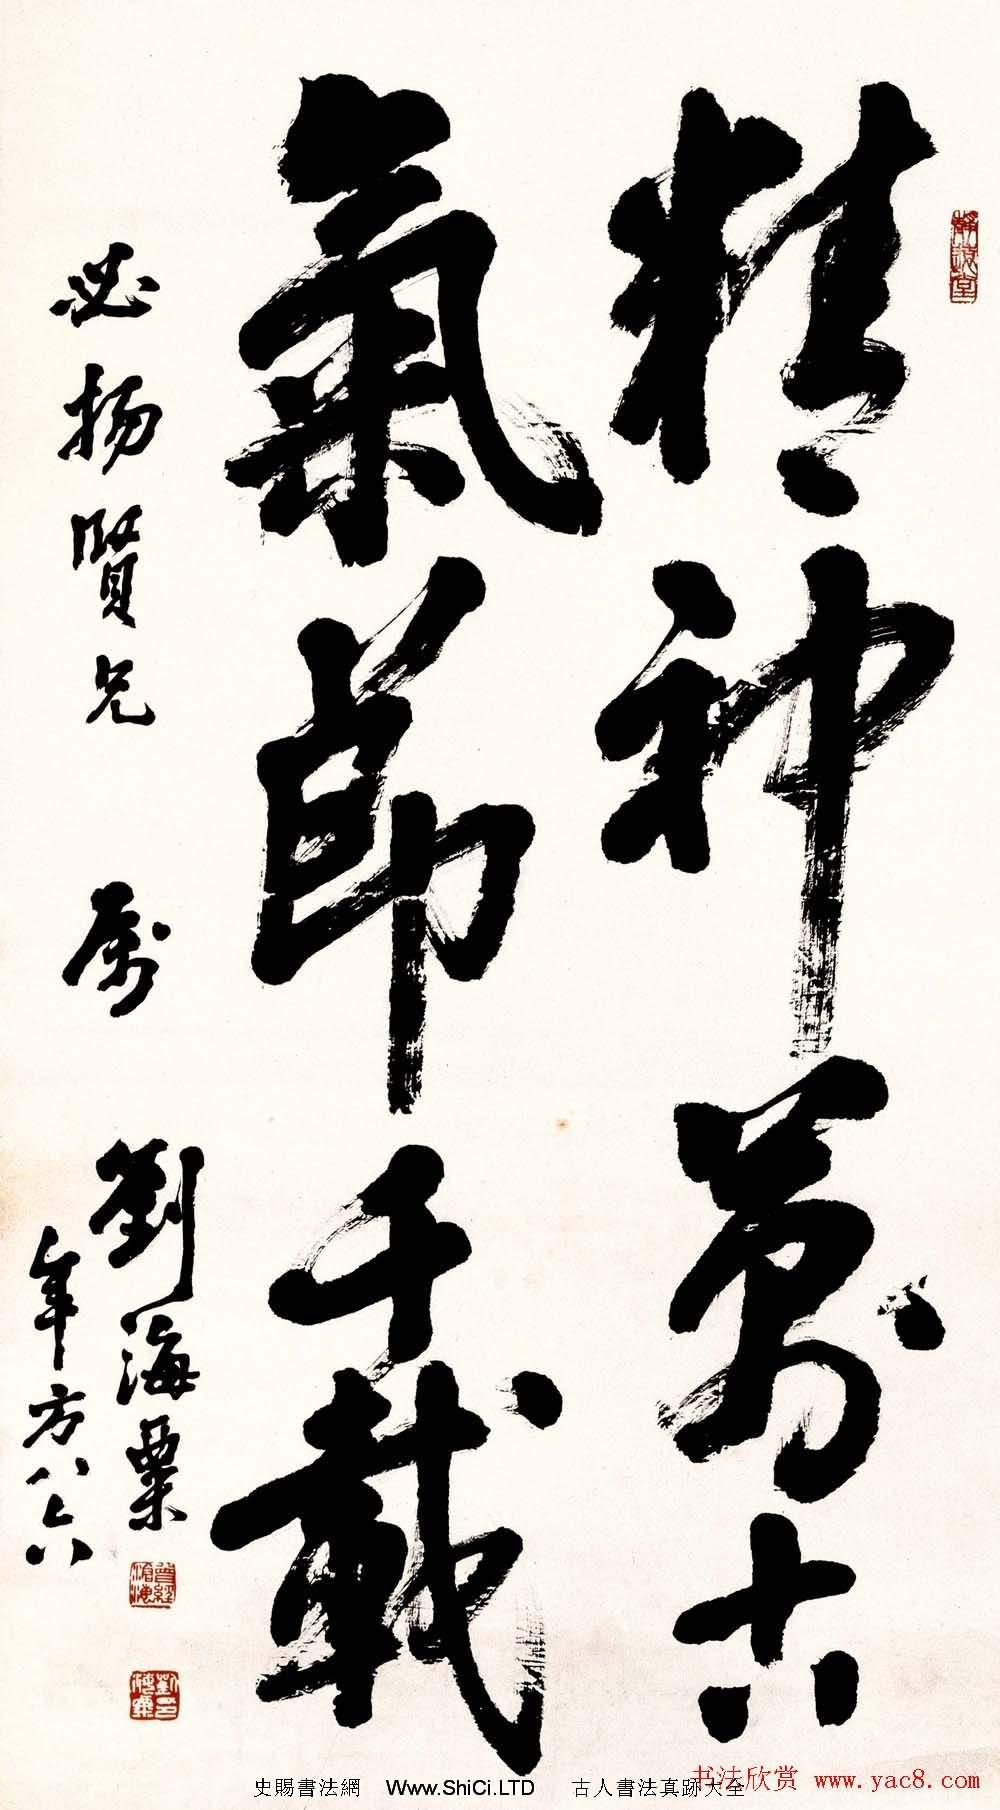 名人墨跡展覽劉海粟書法藝術(共77張圖片)